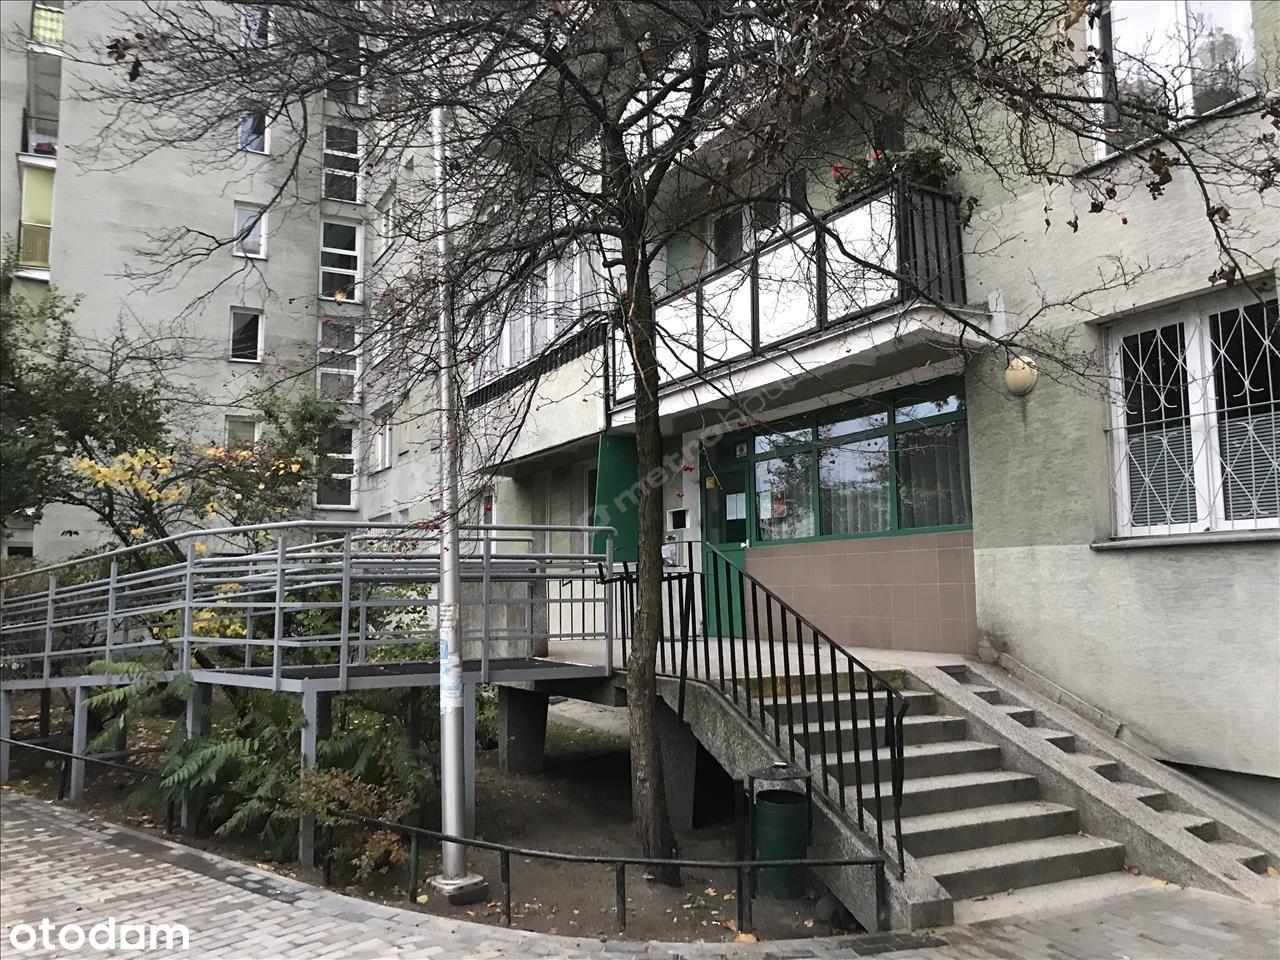 Mieszkanie 3 pokojowe 55 m2 z dużym balkonem.